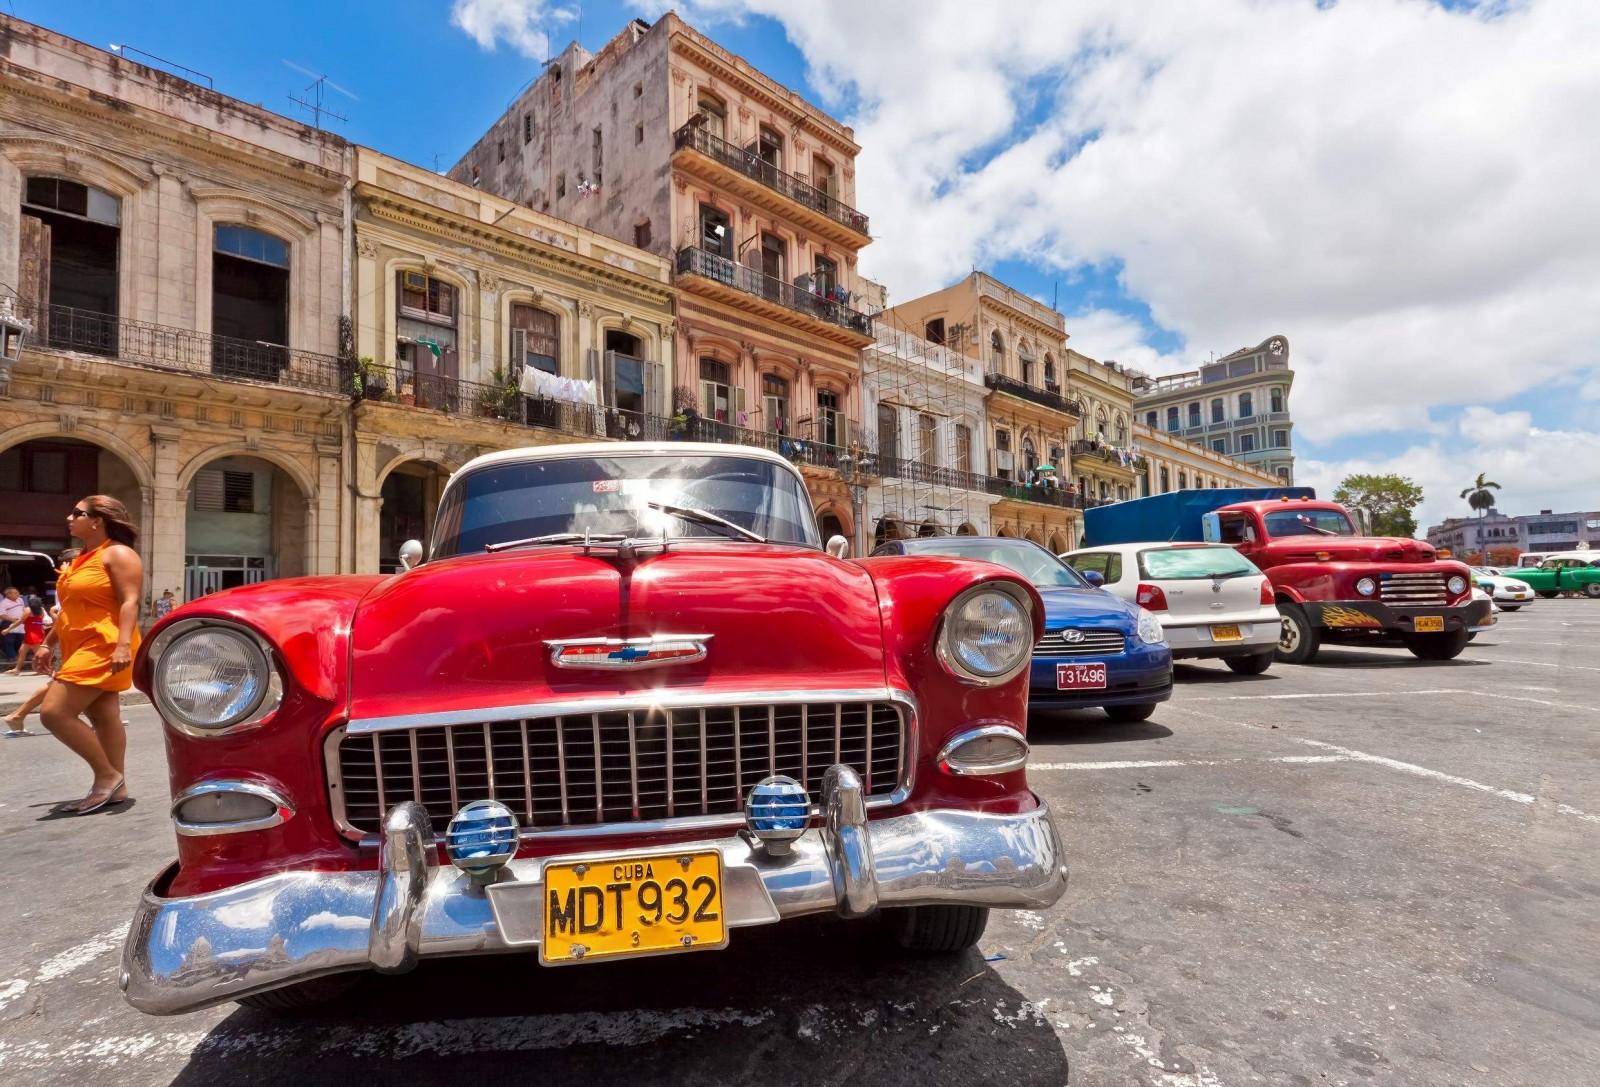 Cuba cải cách, doanh nghiệp Việt có hưởng lợi?